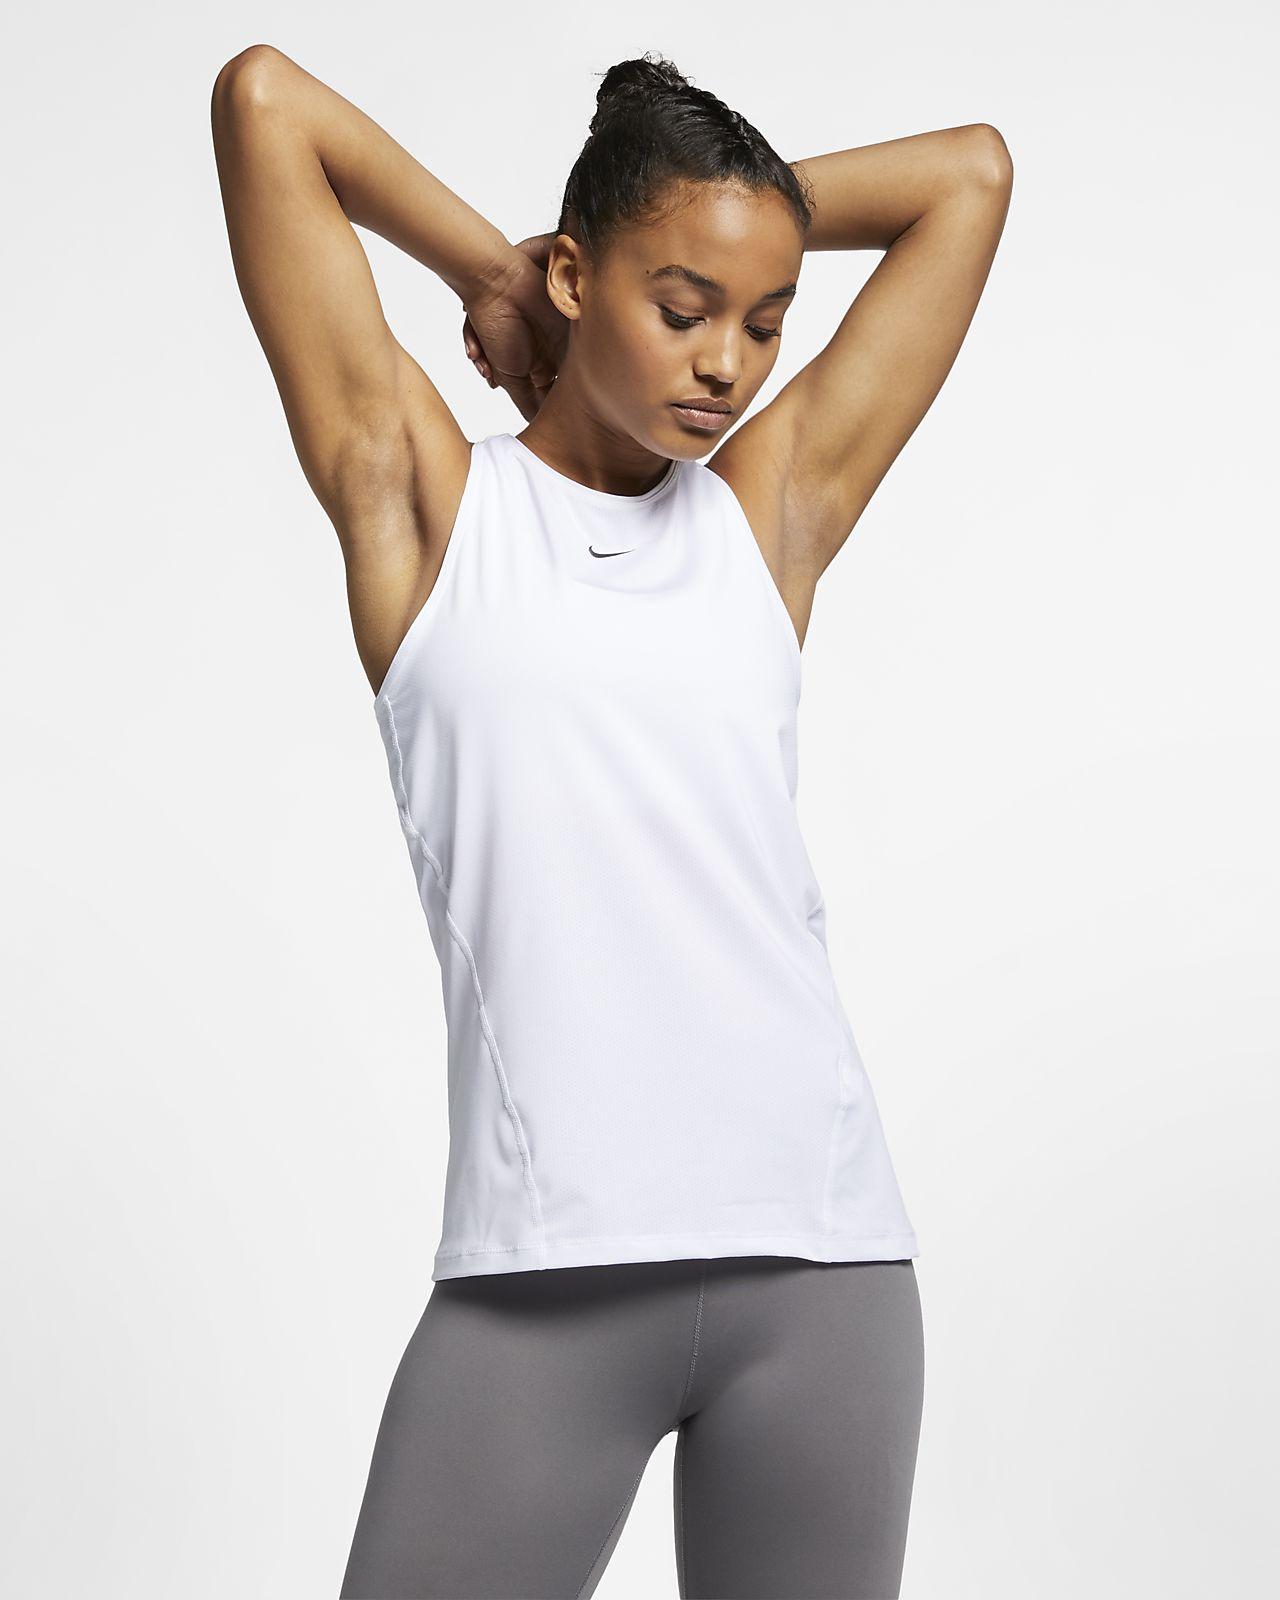 new product abb9b d64b1 ... Débardeur en mesh Nike Pro pour Femme